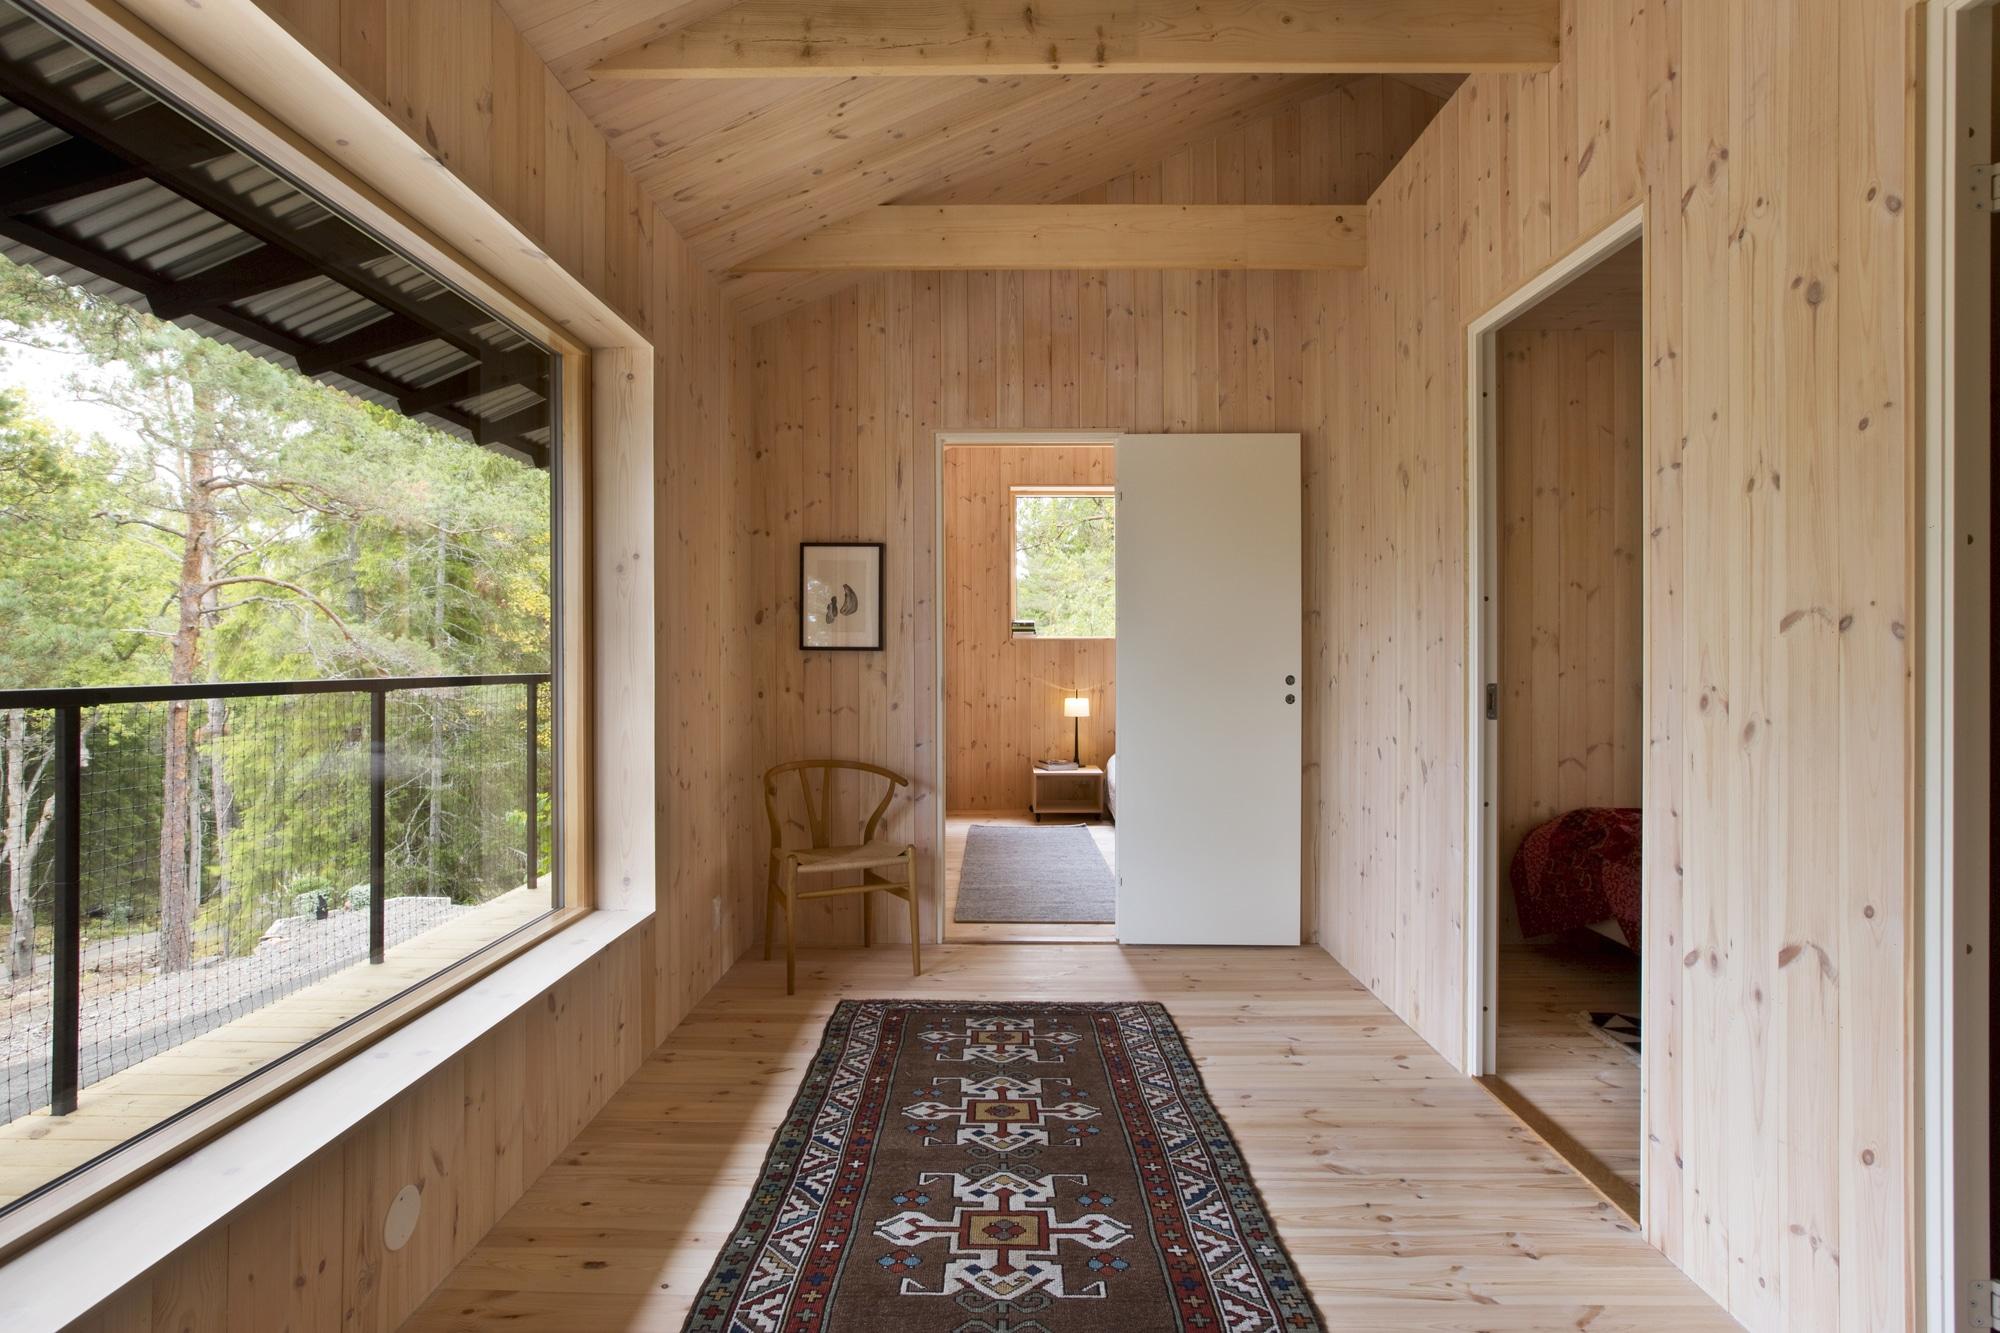 Dise o de casa peque a de madera fachada planos interior Disenos de casas contemporaneas pequenas